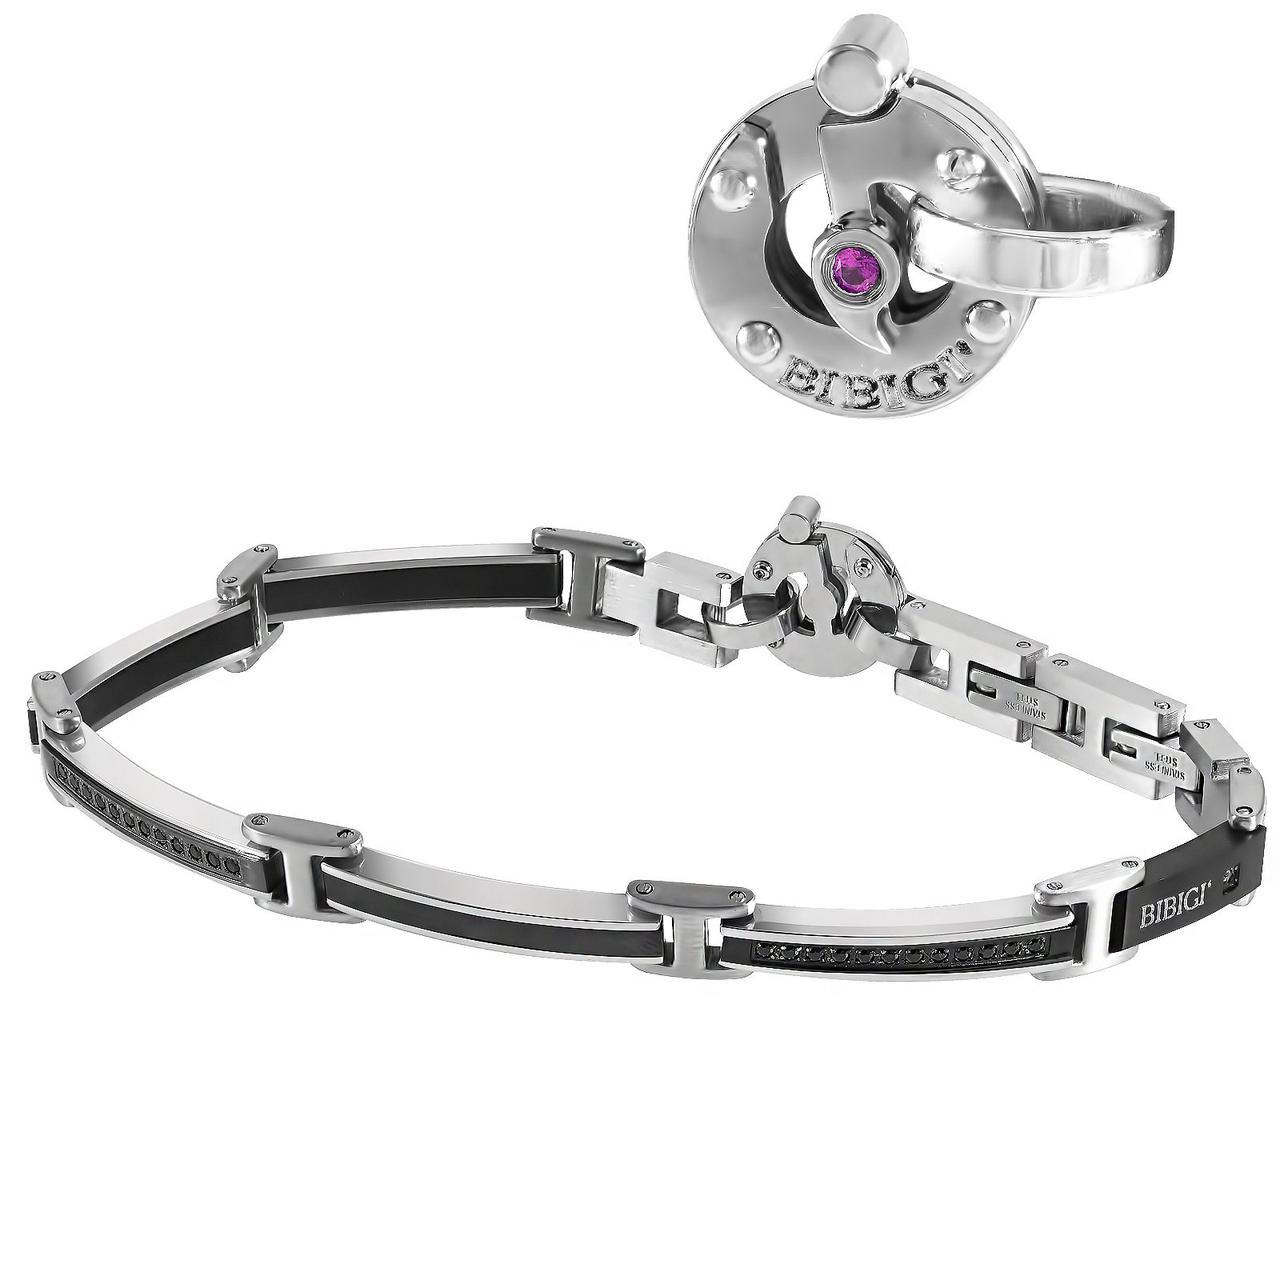 Мужской браслет из стали c бриллиантом, сапфиром и шпинелем, размер 22 (1682028)